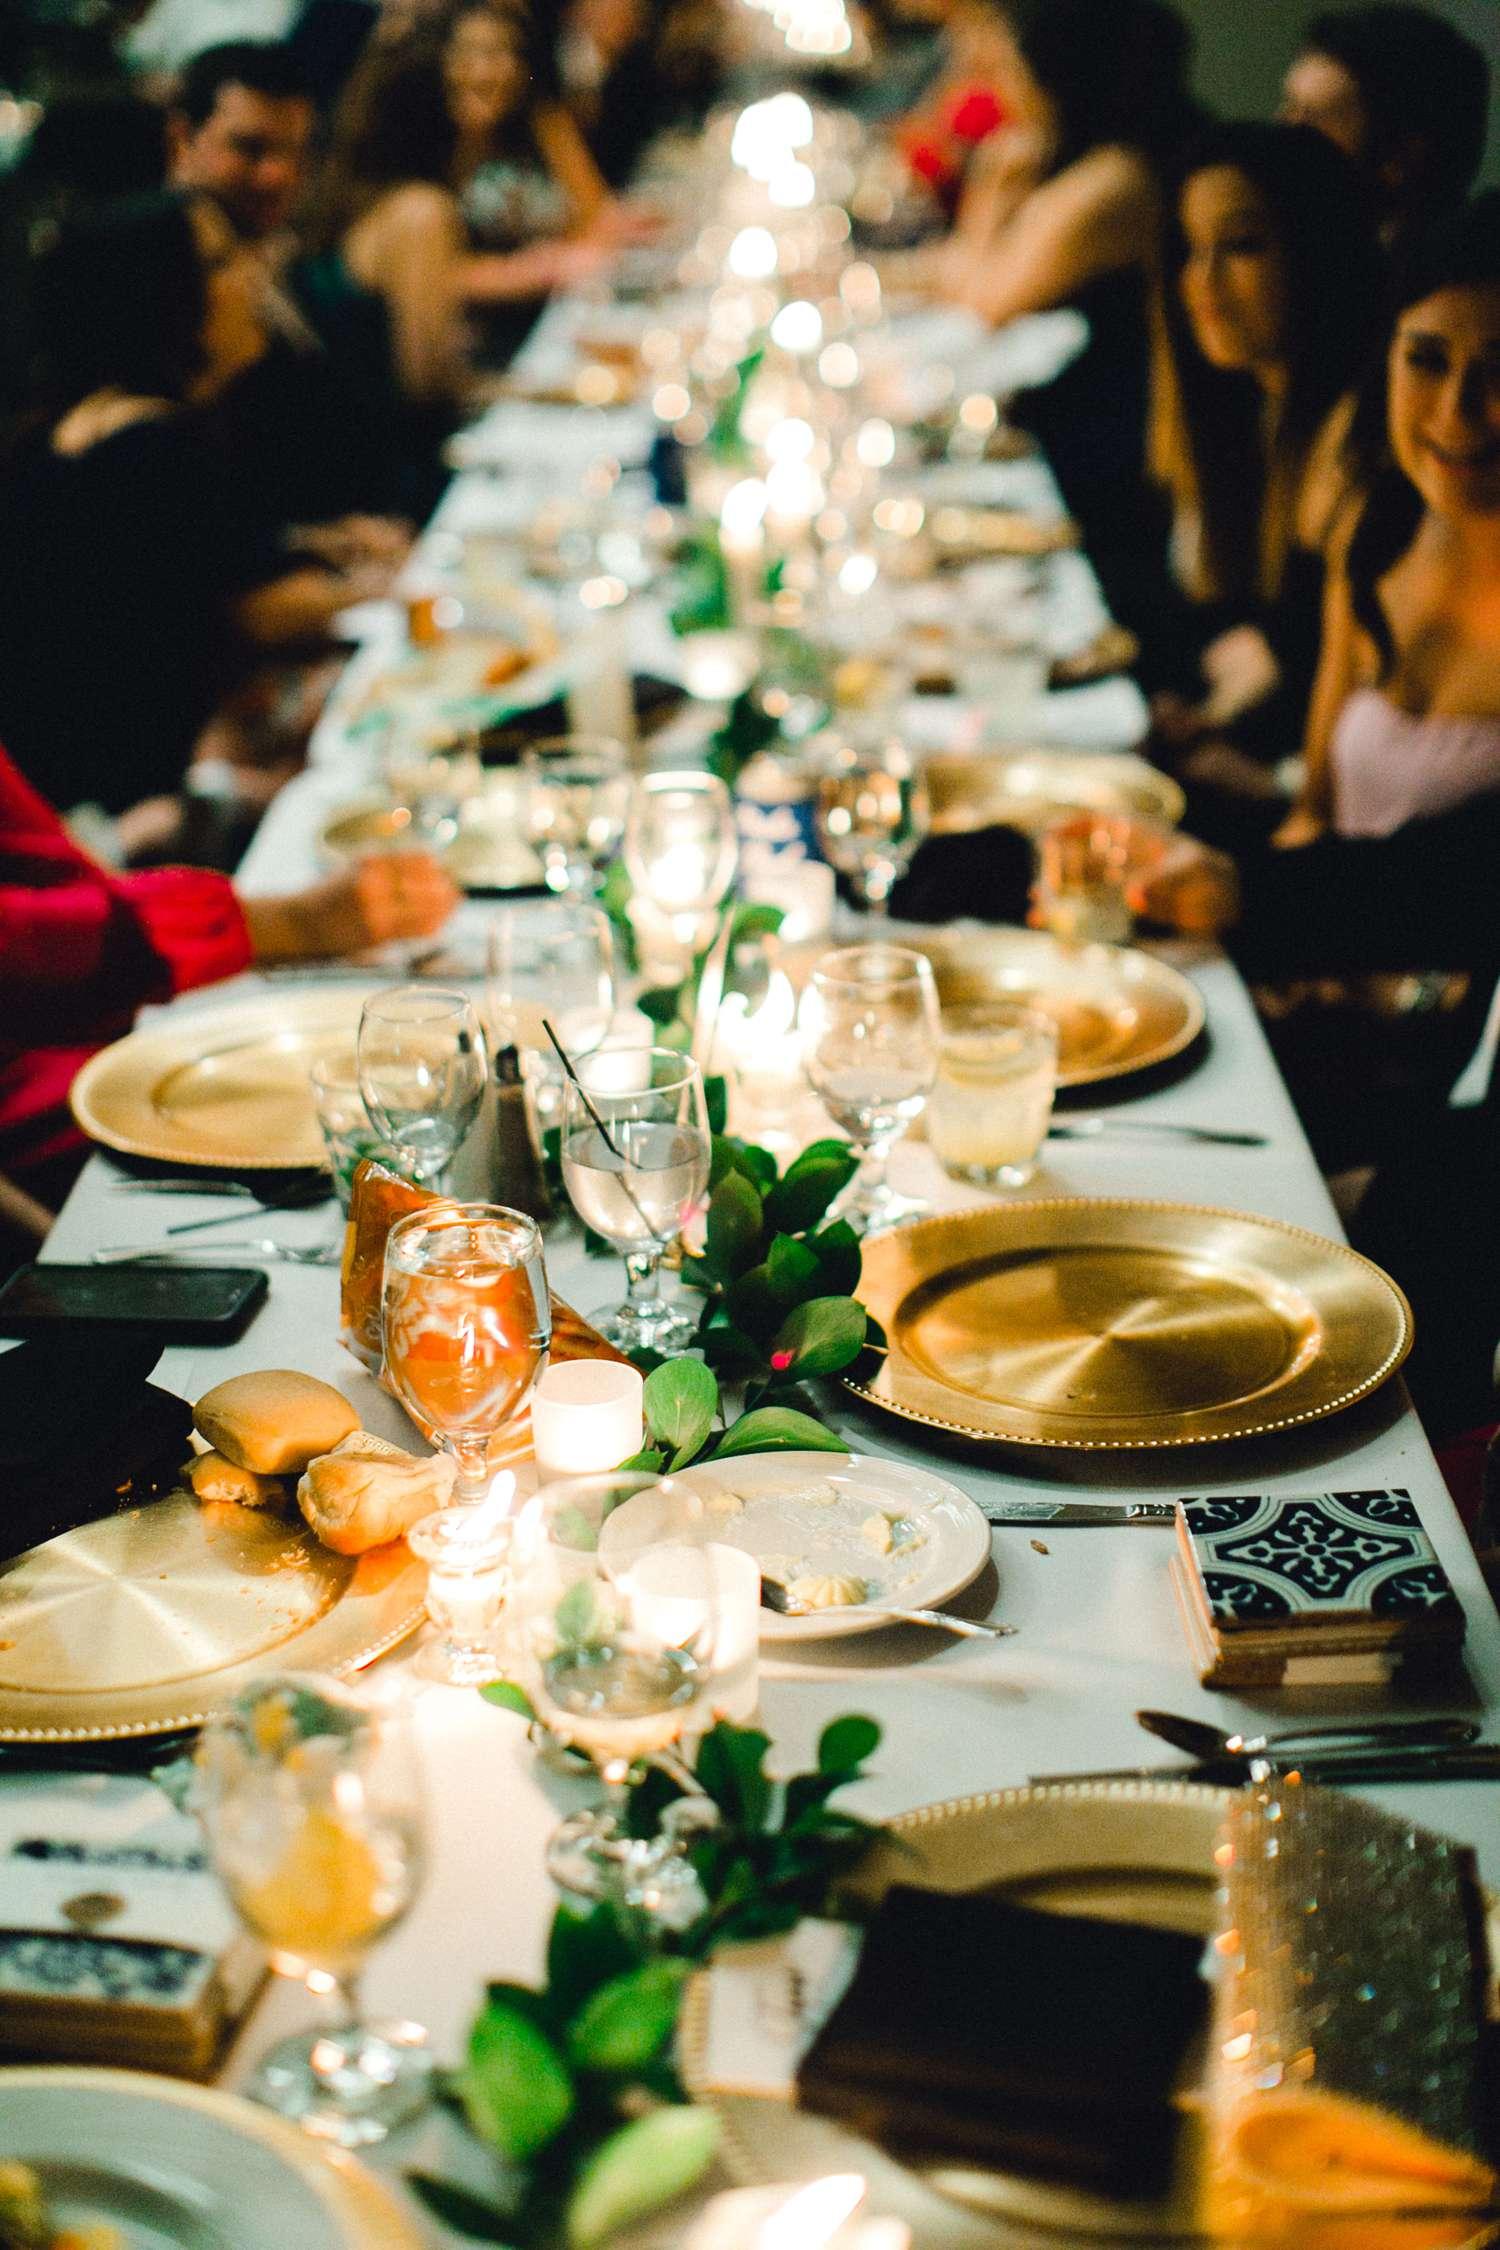 MARLEE+LLOYD+MORGAN+ALLEEJ+TEXAS+TECH+MERKET+ALUMNI+WEDDINGS+LUBBOCK+WEST+TABLE+CLASSIC+SPAIN_0204.jpg